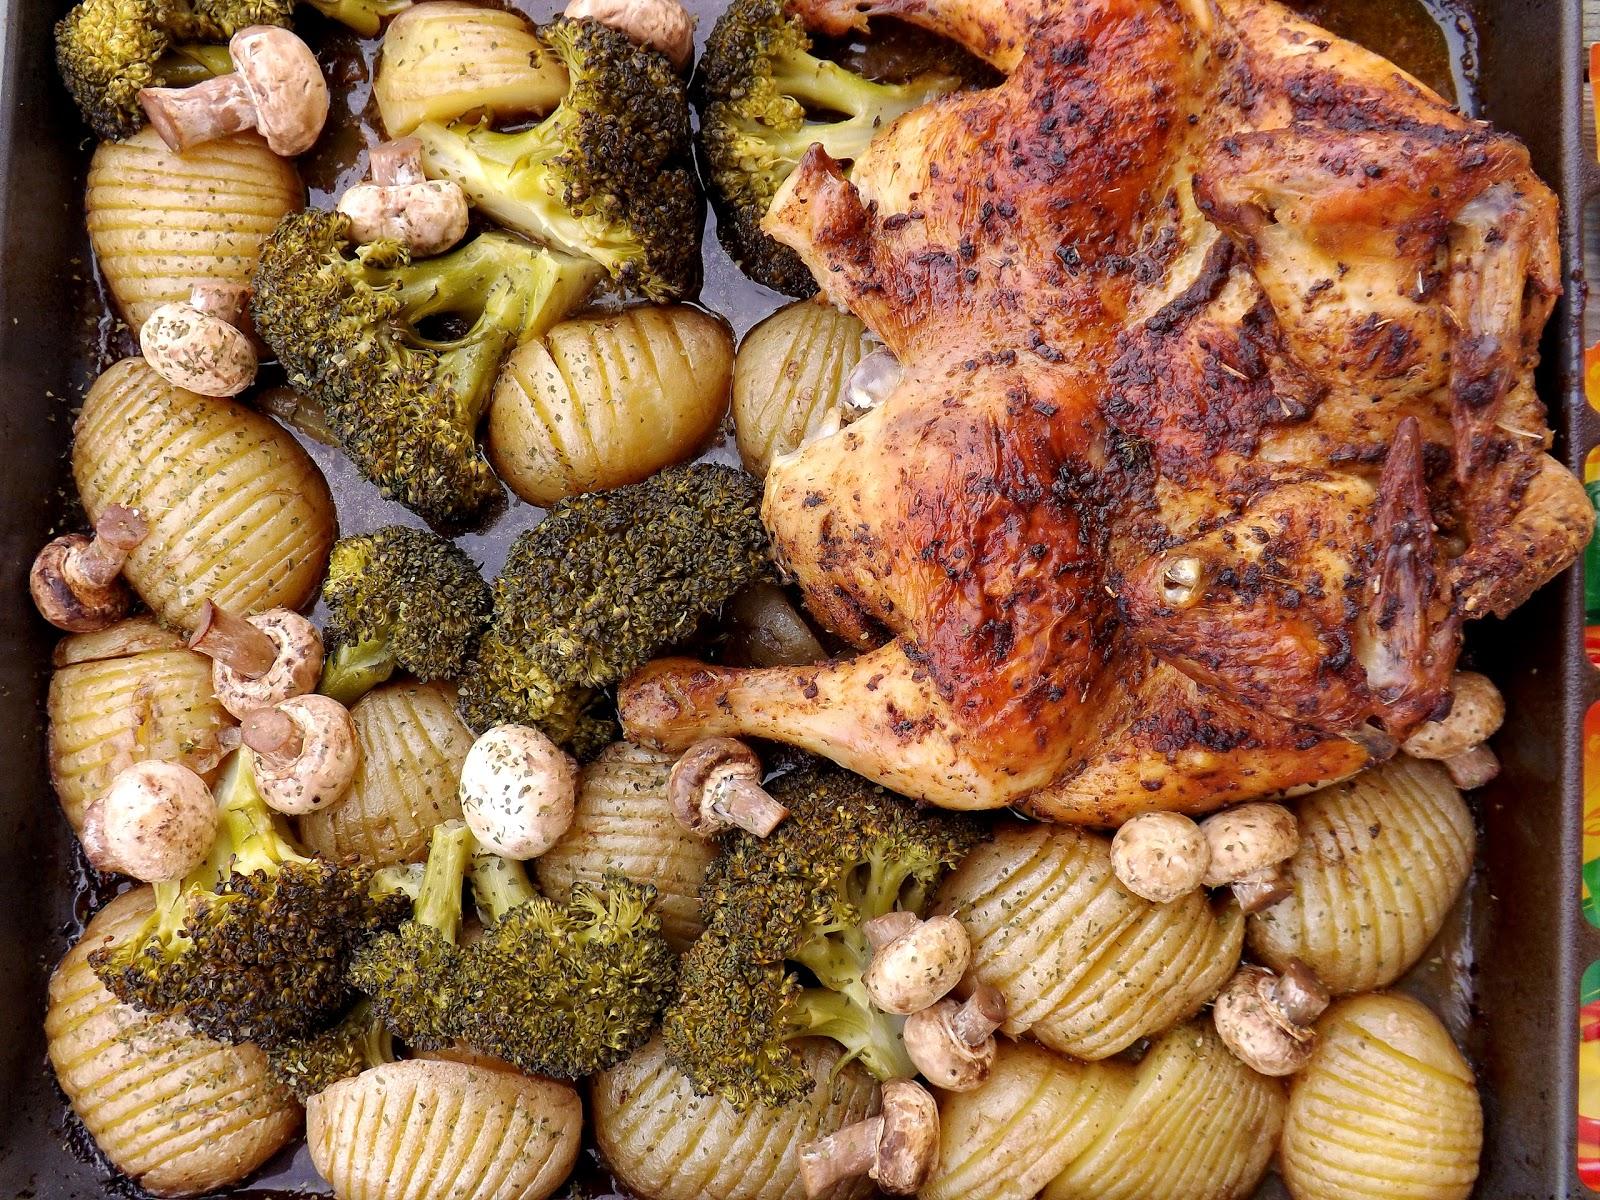 Pieczony Kurczak Z Warzywami I Pieczarkami Kulinaria Zblogowani